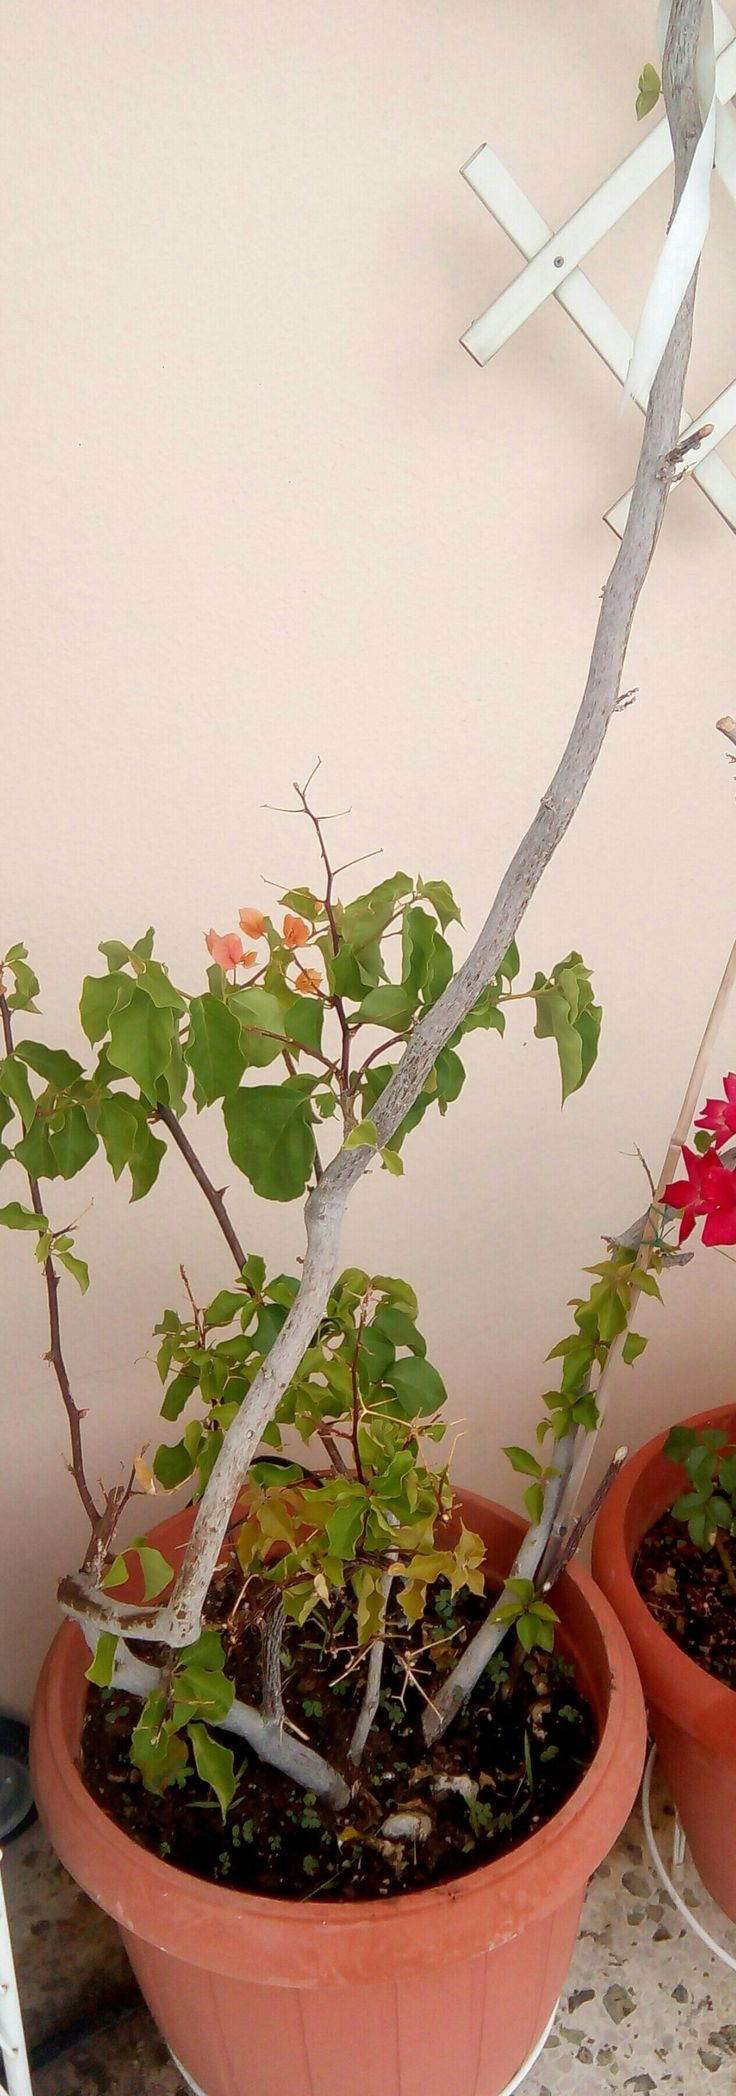 Η μπουκαμβίλια είναι Αγγειόσπερμο, δικότυλο φυτό ή βουκαμβίλια ανήκει στην τάξη καρυοφυλλώδη και στην οικογένεια των νυκταγινιδών.Βικιπαίδεια  Επιστημονική ονομασία:Bougainvillea  Κατάταξη:Γένος  Υψηλότερη κατηγορία ταξινόμησης:Νυκταγινίδες